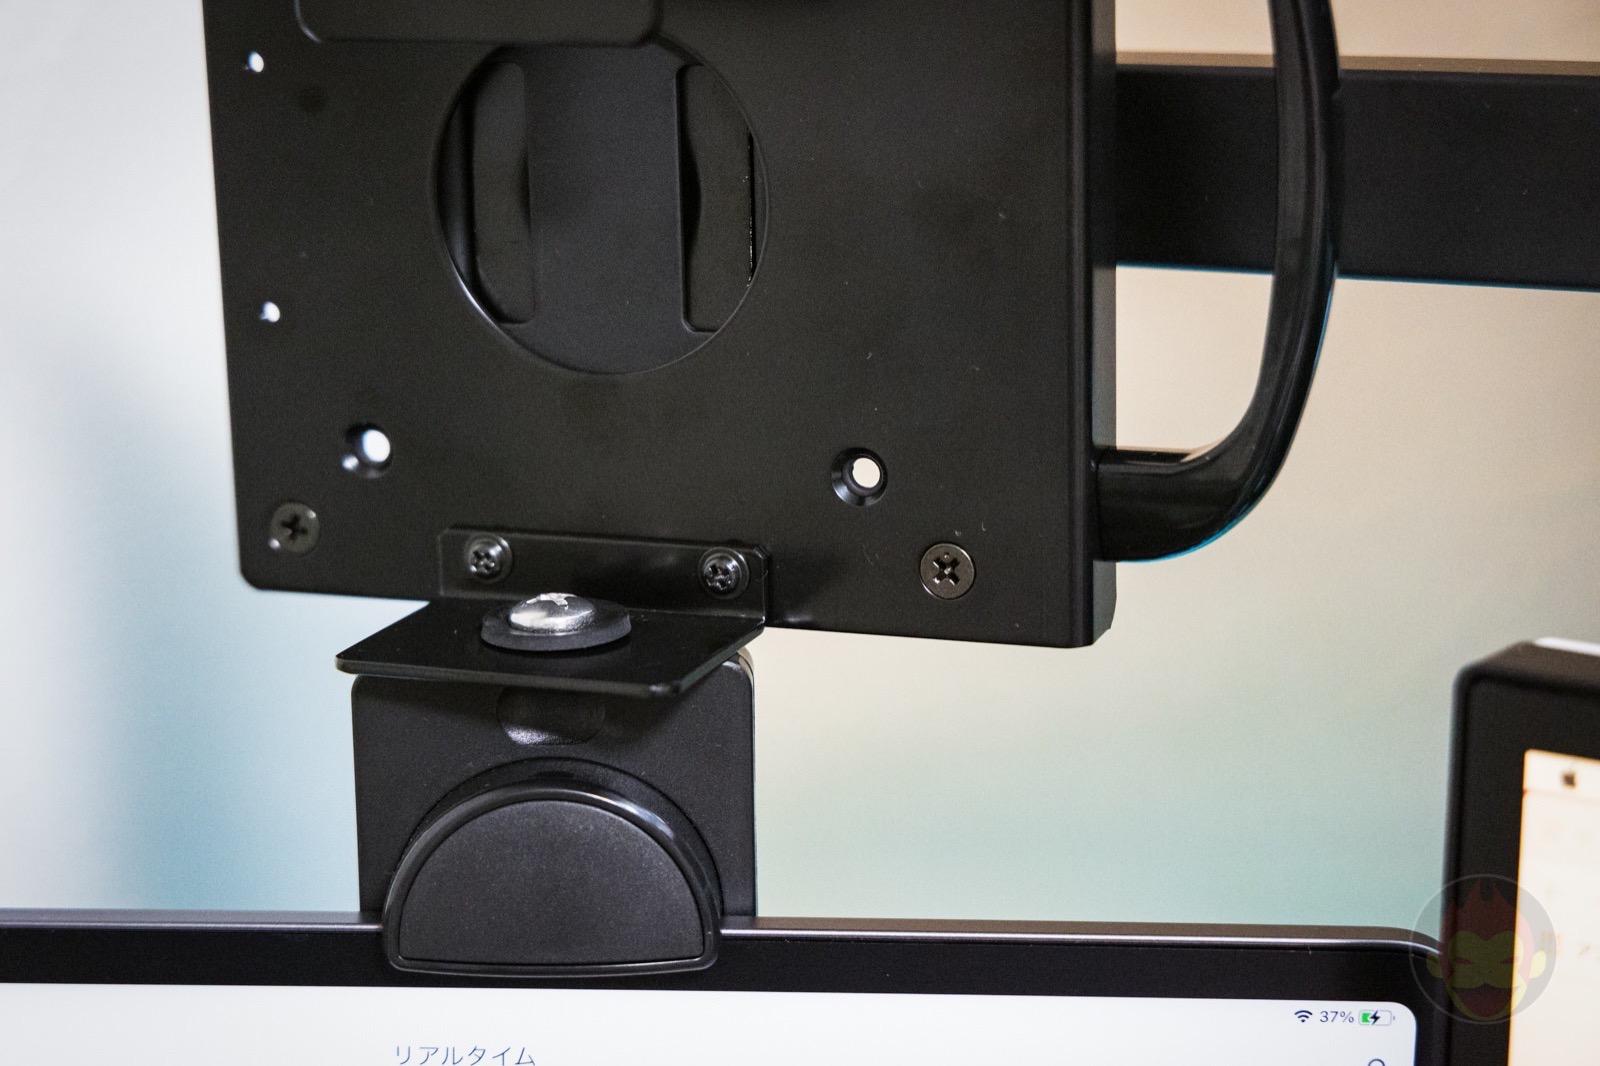 Using-Camera-VESA-mount-01.jpg